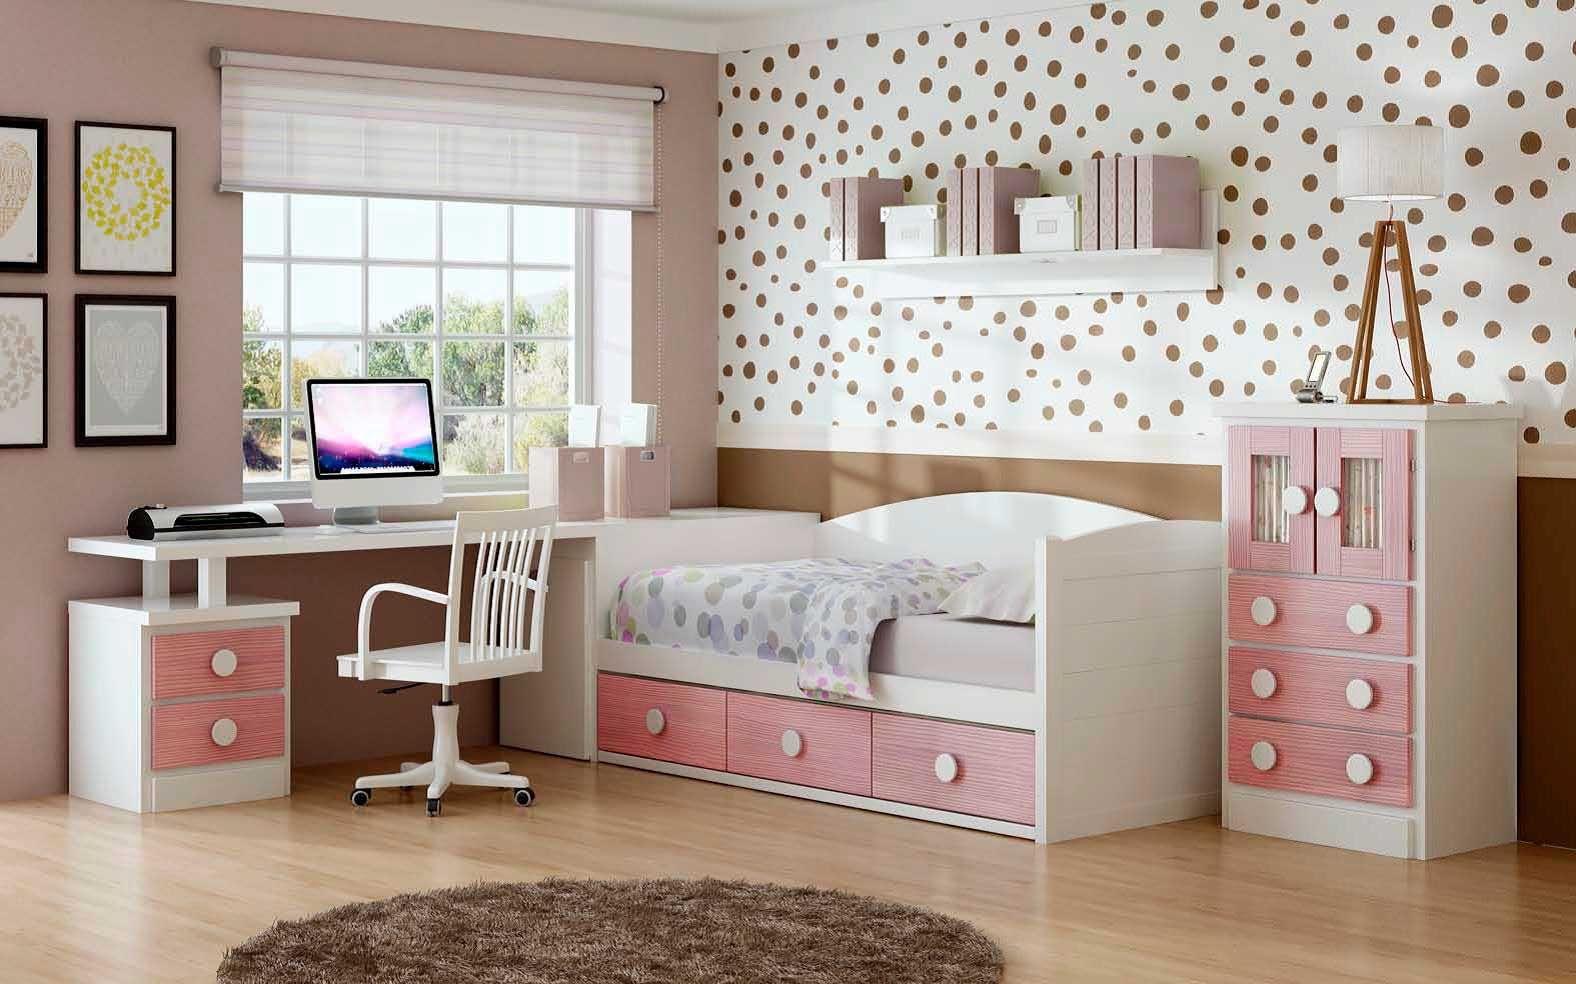 Muebles juveniles pino macizo buscar con google nenes como decorar tu habitacion - Como decorar una habitacion infantil ...